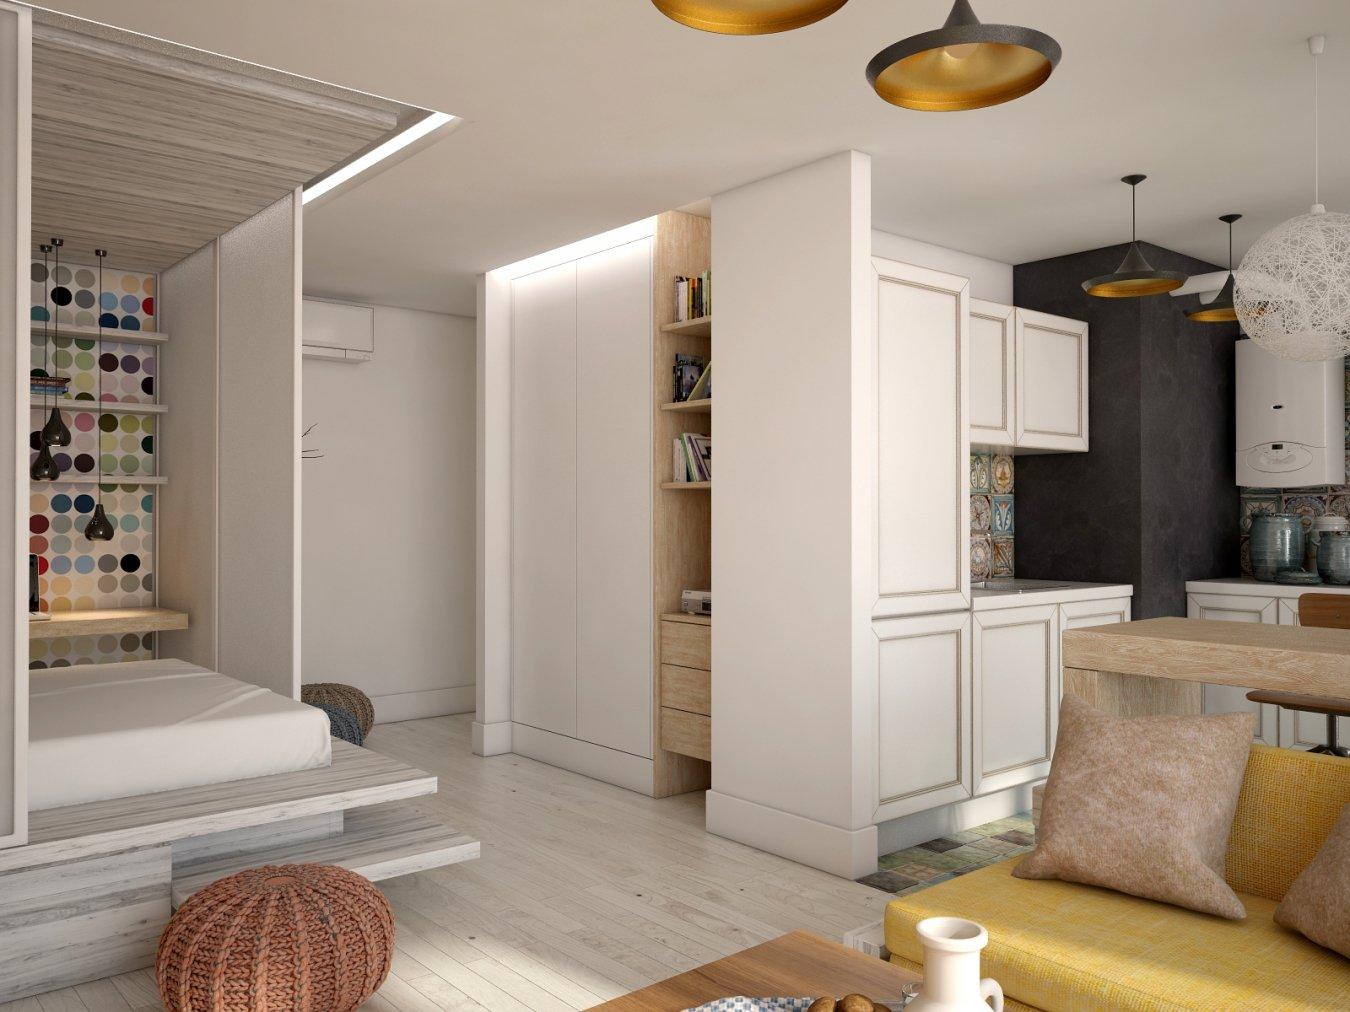 развода проект однокомнатной квартиры фото свяжемся вами